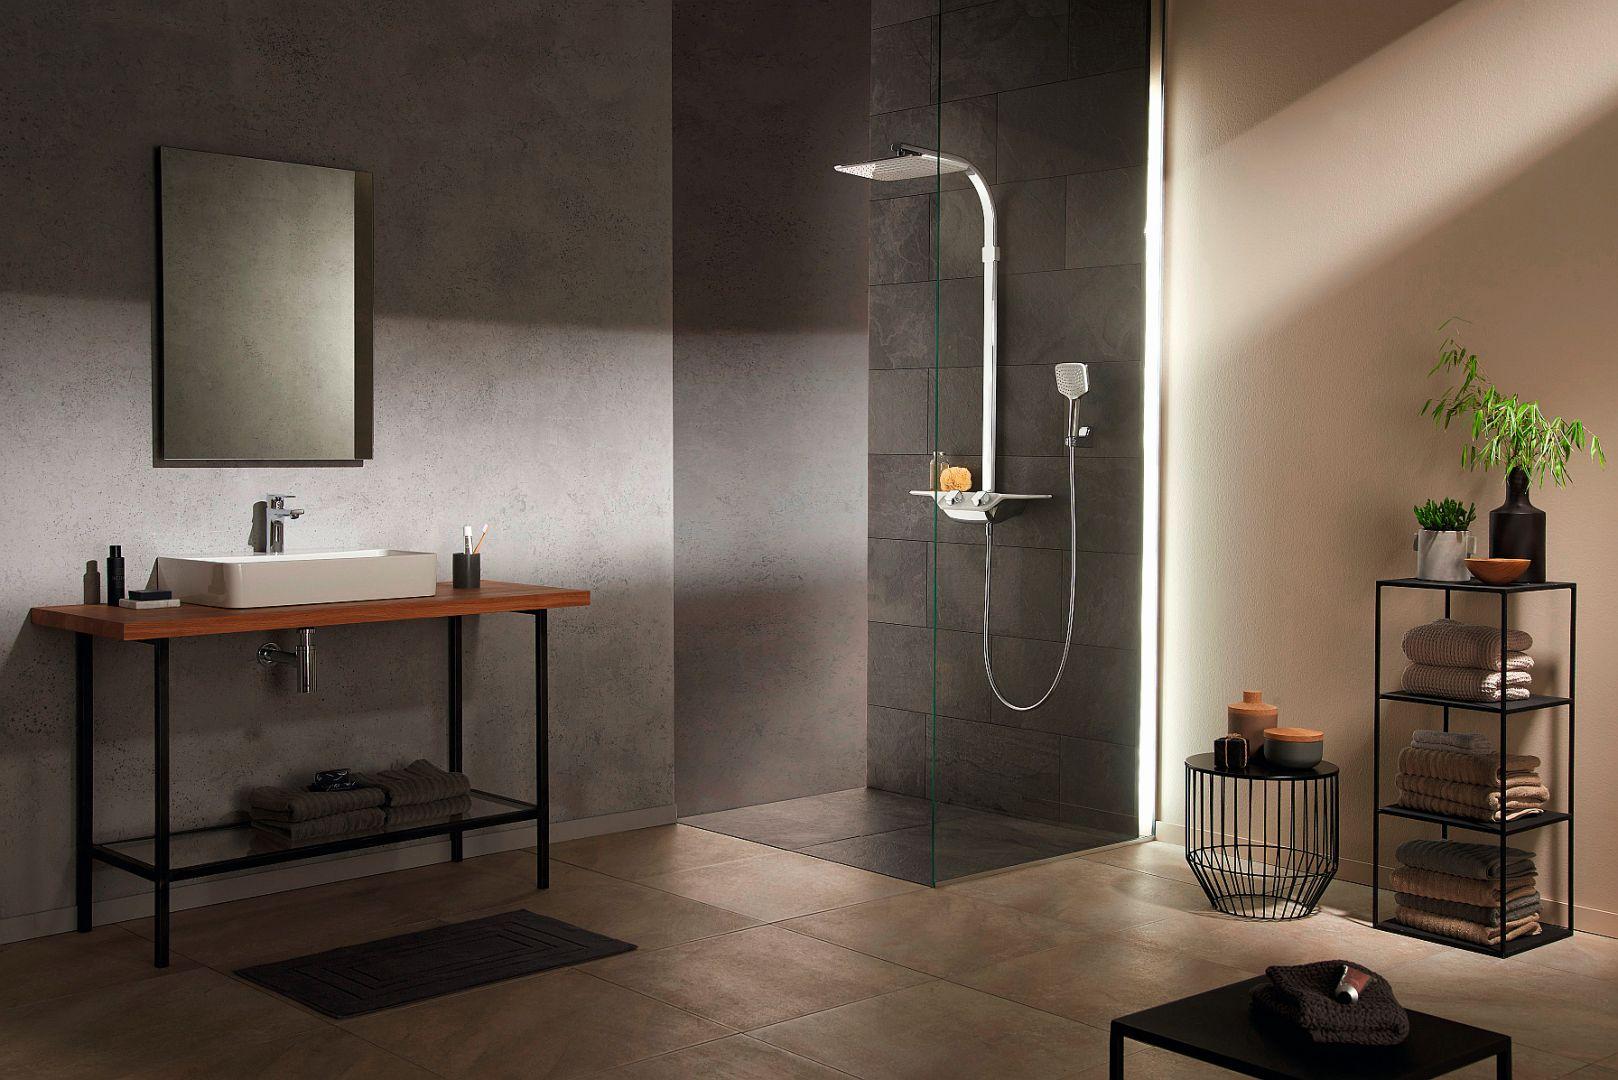 COCKPIT DISCOVERY - zestaw natryskowy zaprojektowany z myślą o doskonałym designie, zaskakuje intuicyjnymi rozwiązaniami i ergonomią, dzięki którym komfort kąpieli wchodzi na zupełnie nowy poziom. Fot. Kludi